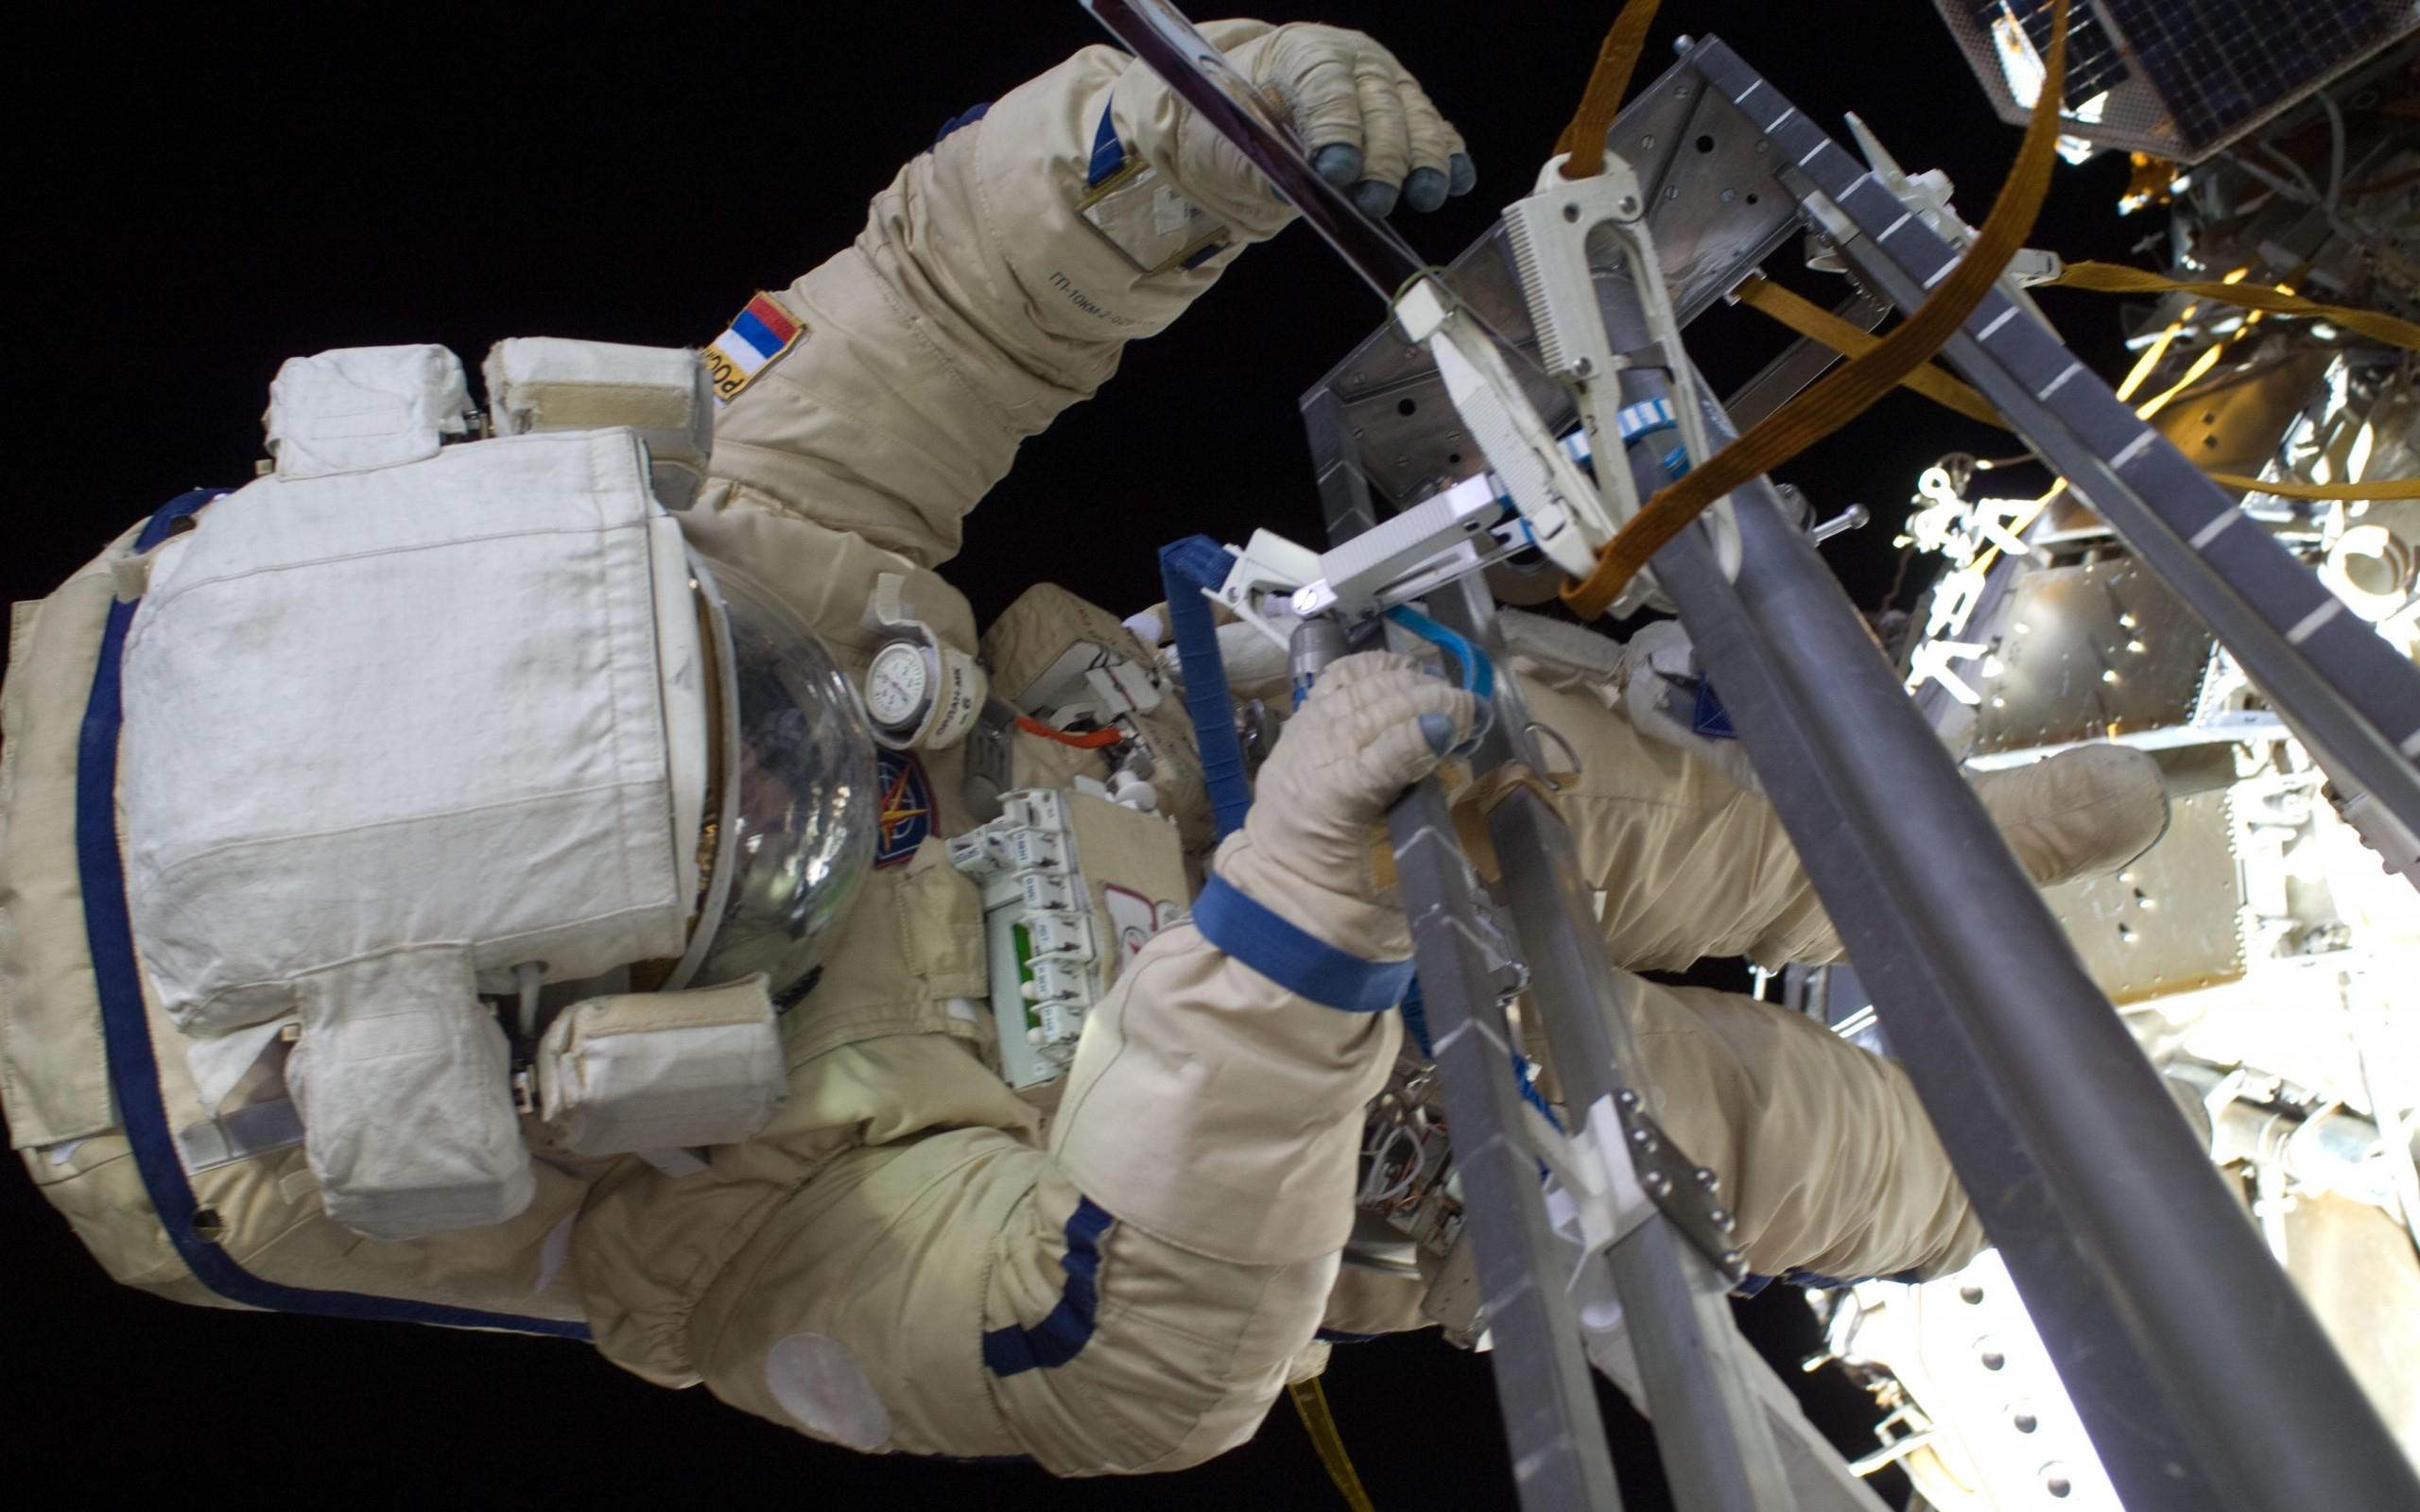 Картинки космонавтов на орбите